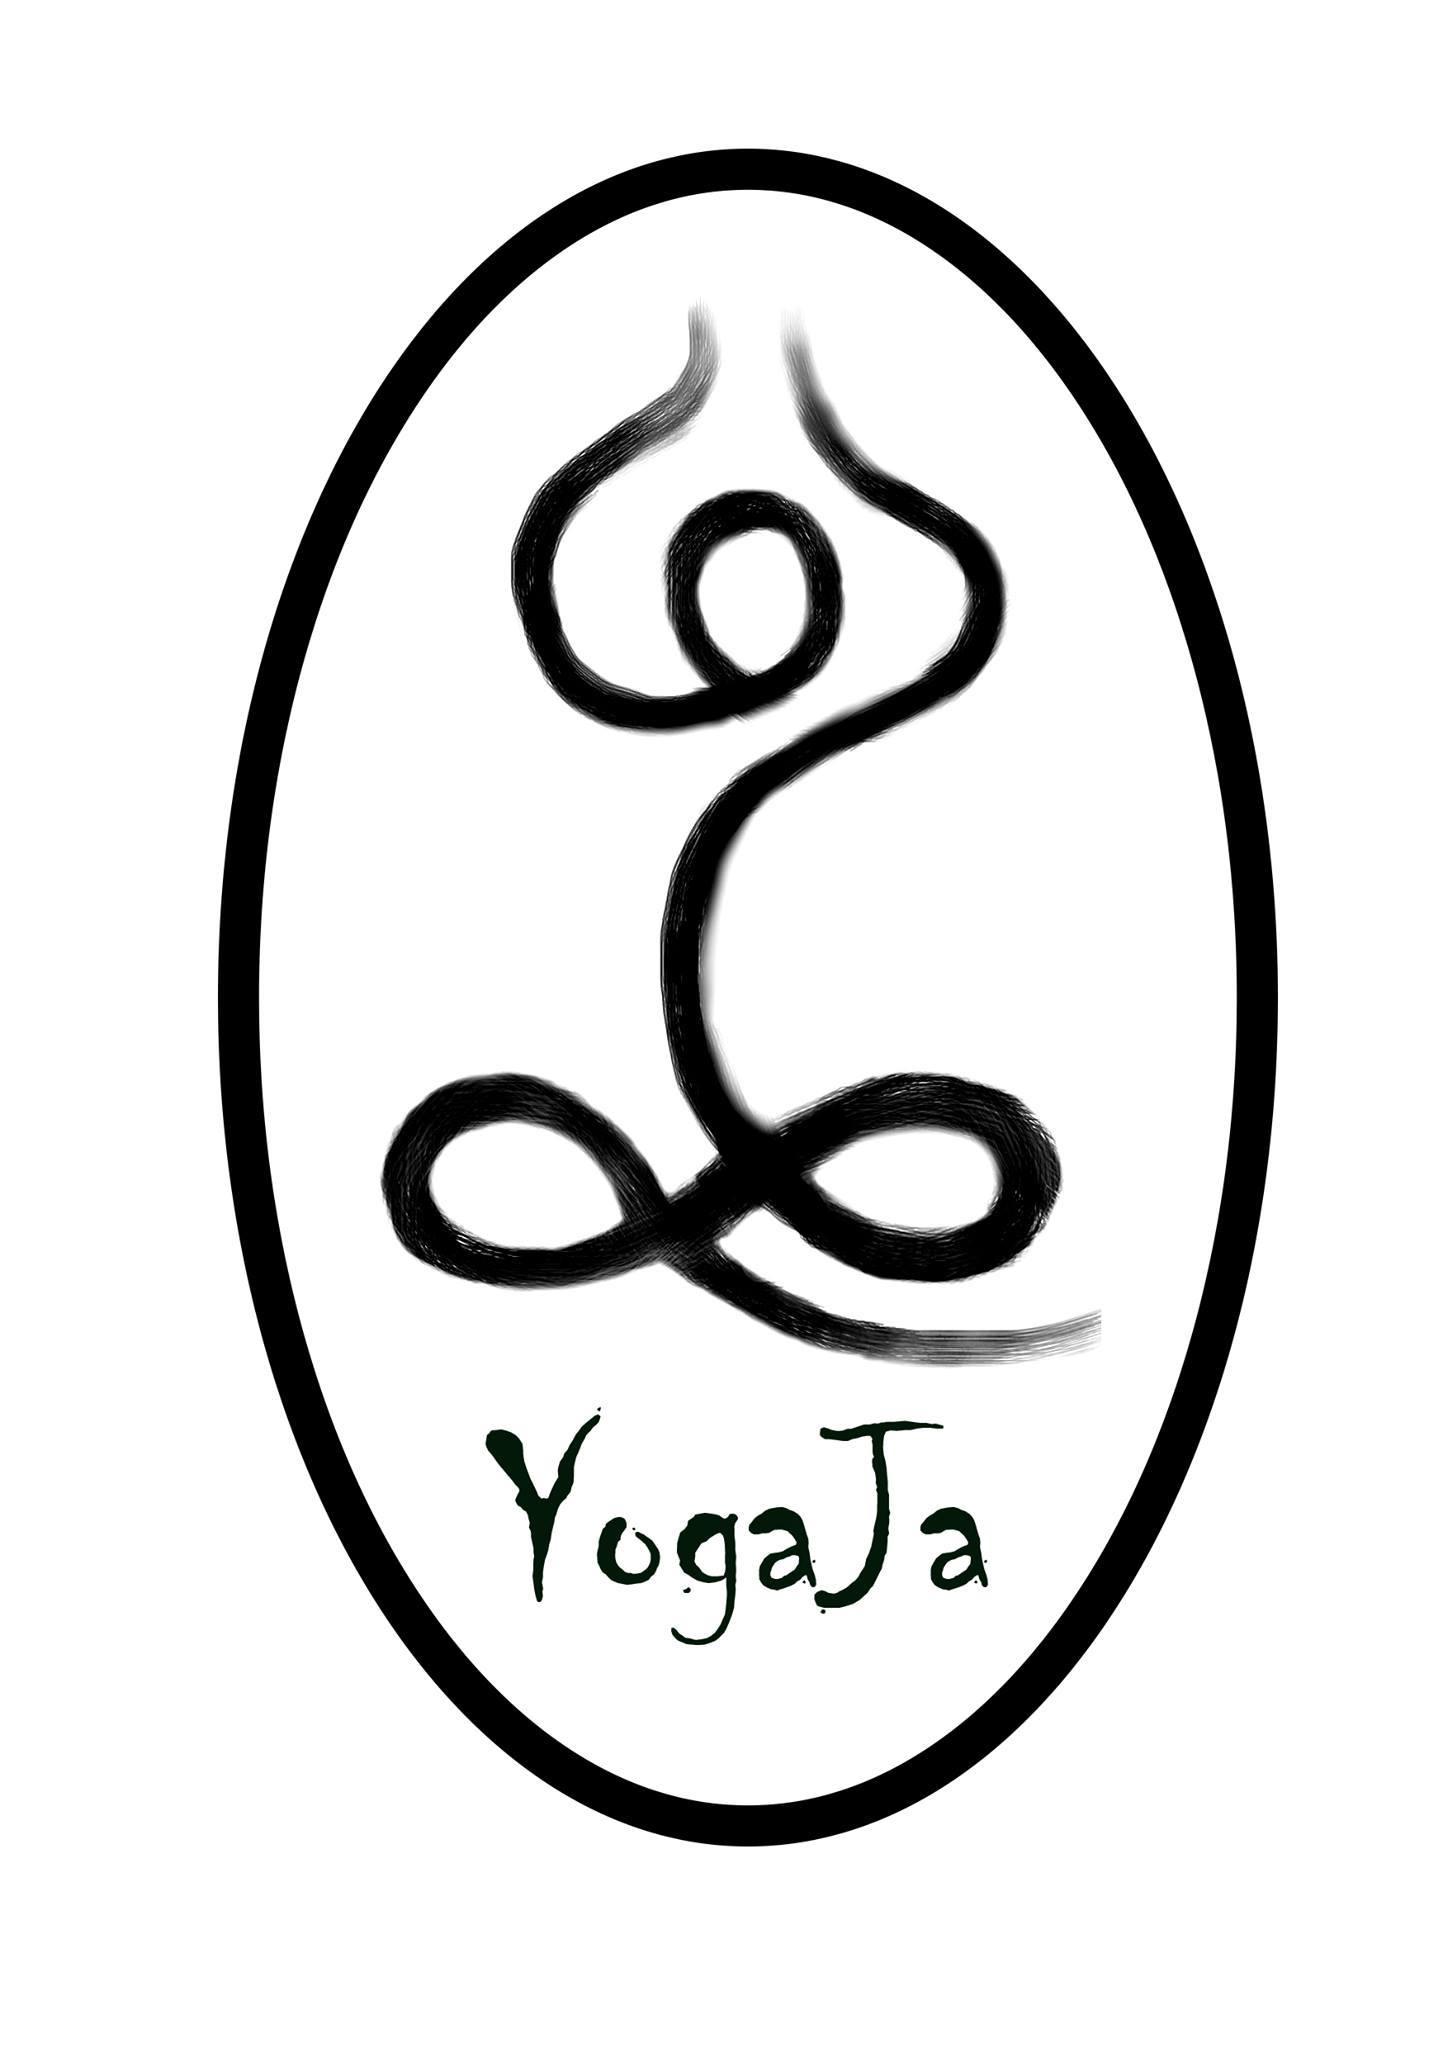 YogaJa